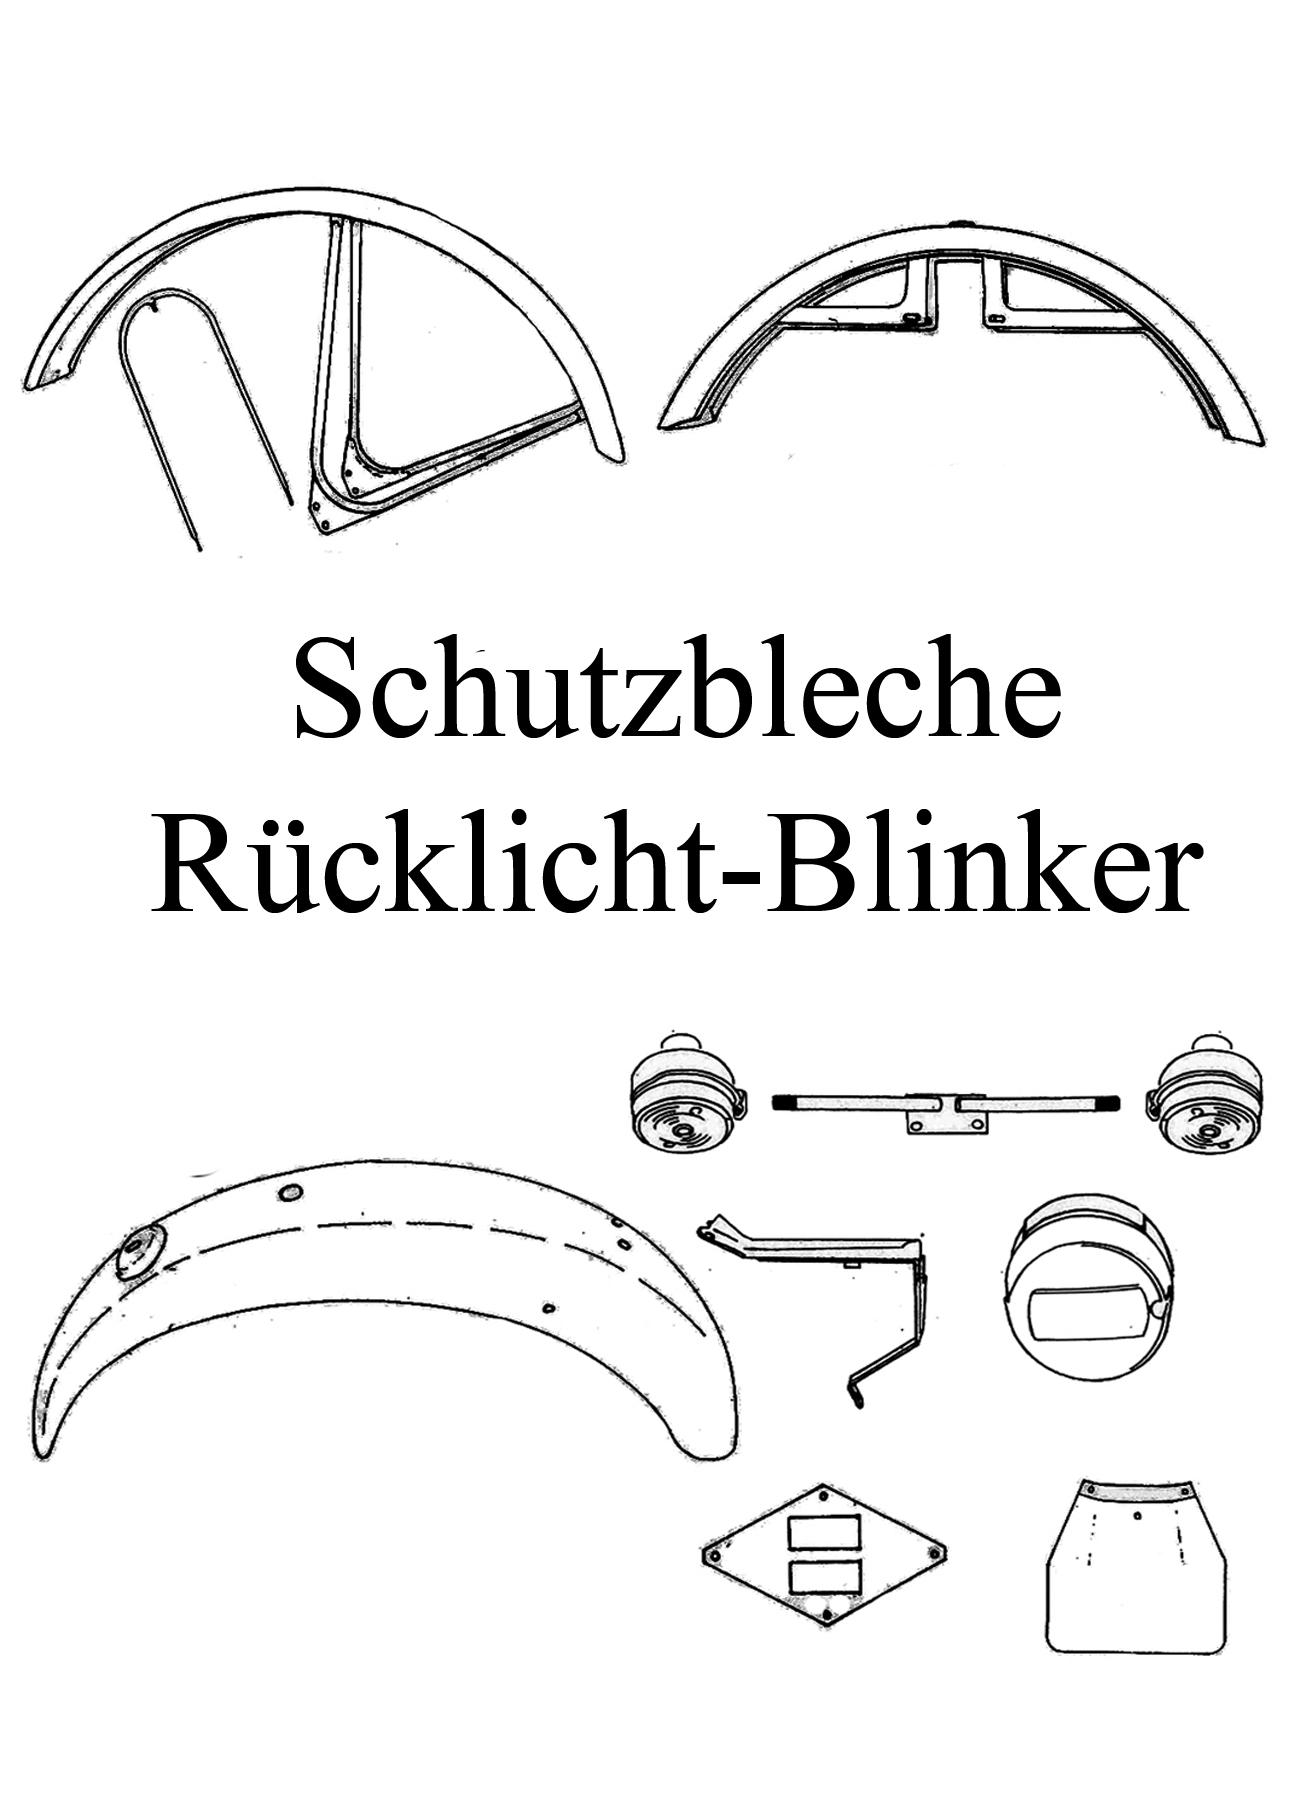 MZ TS 250/0-1 Ersatzteile Schutzblech Kotflügel Blinker Rücklicht